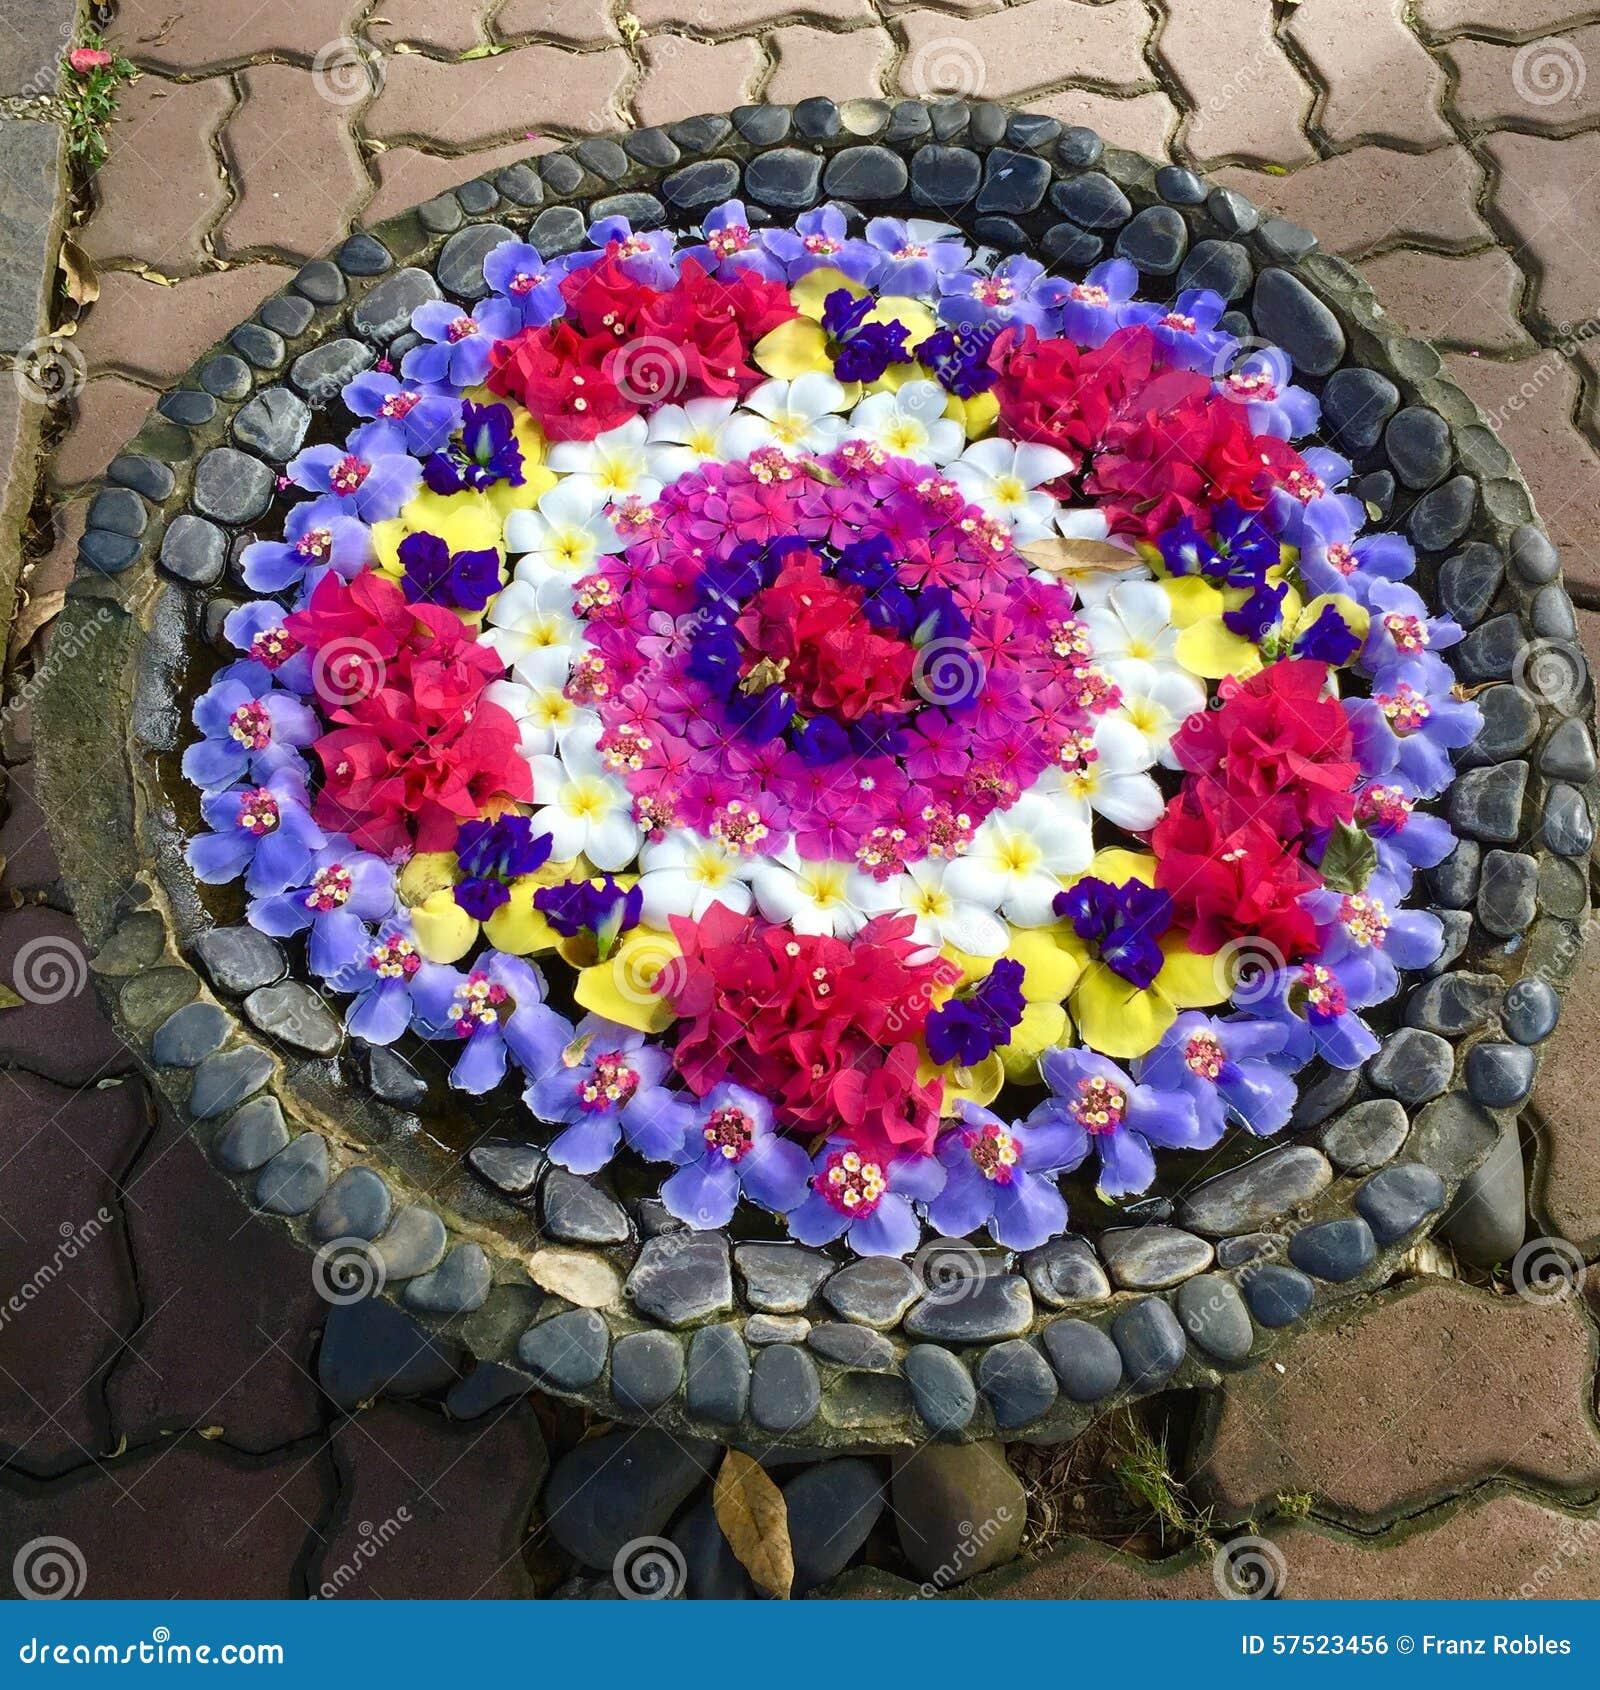 Flower Tub stock photo. Image of flowers, full, flower - 57523456